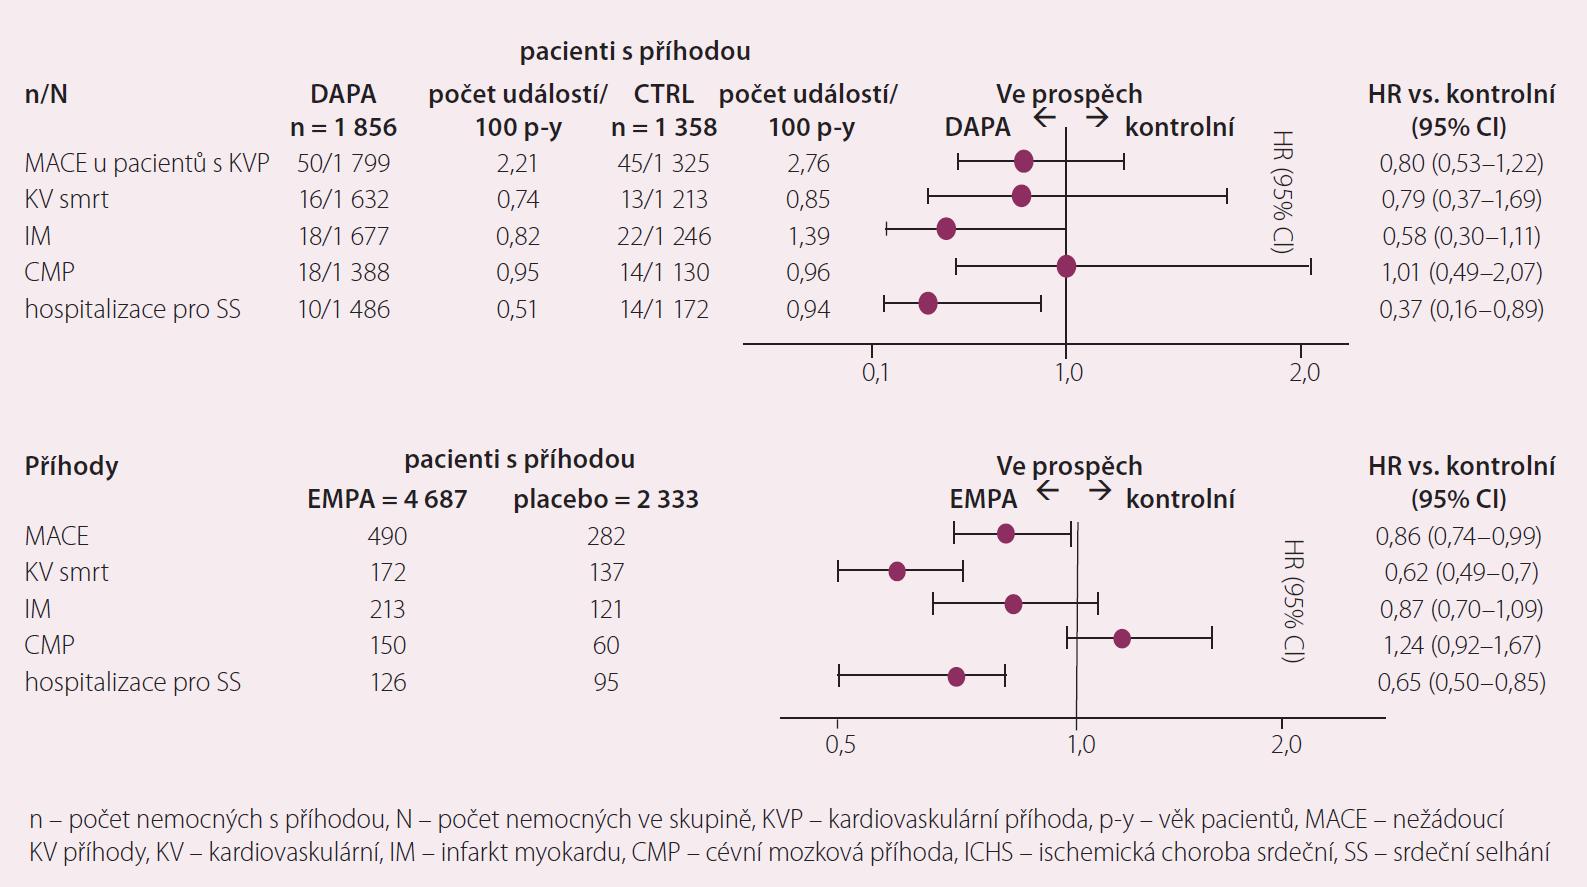 DAPA metaanalýza u nemocných s předchozí ICHS a výsledky studie EMPA-REG [5].